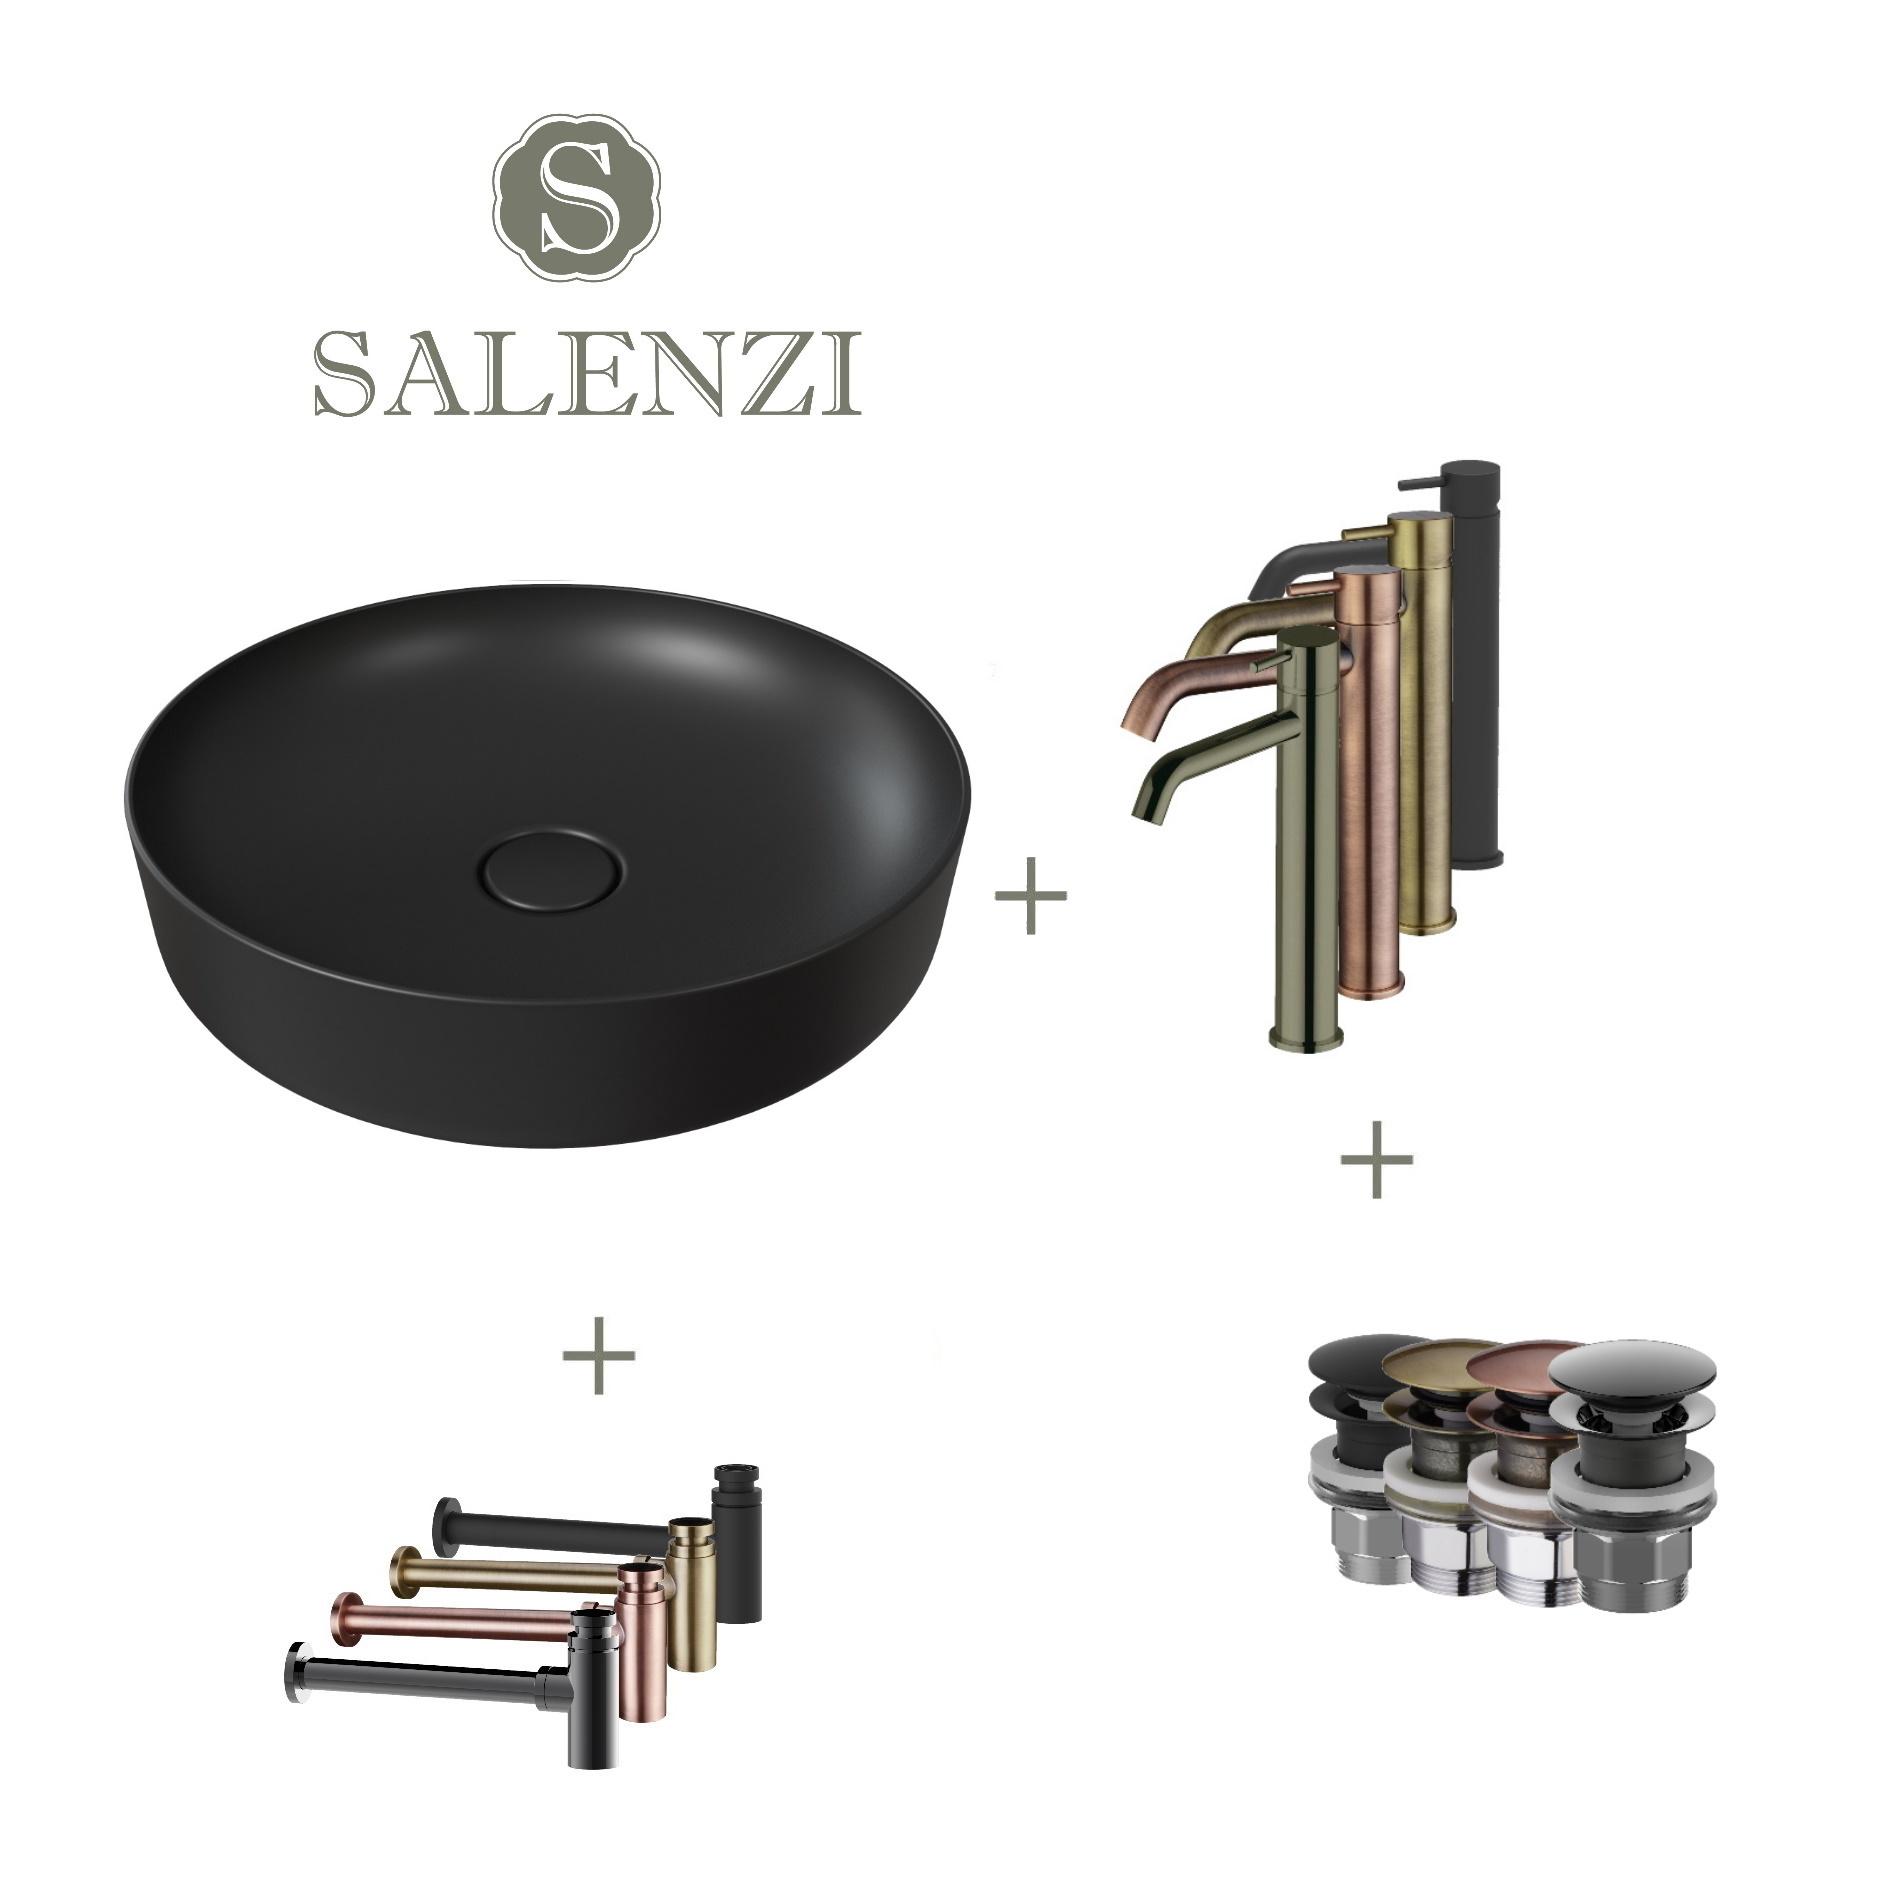 Salenzi Waskomset Form 45x12 cm Incl Hoge Kraan Mat Zwart